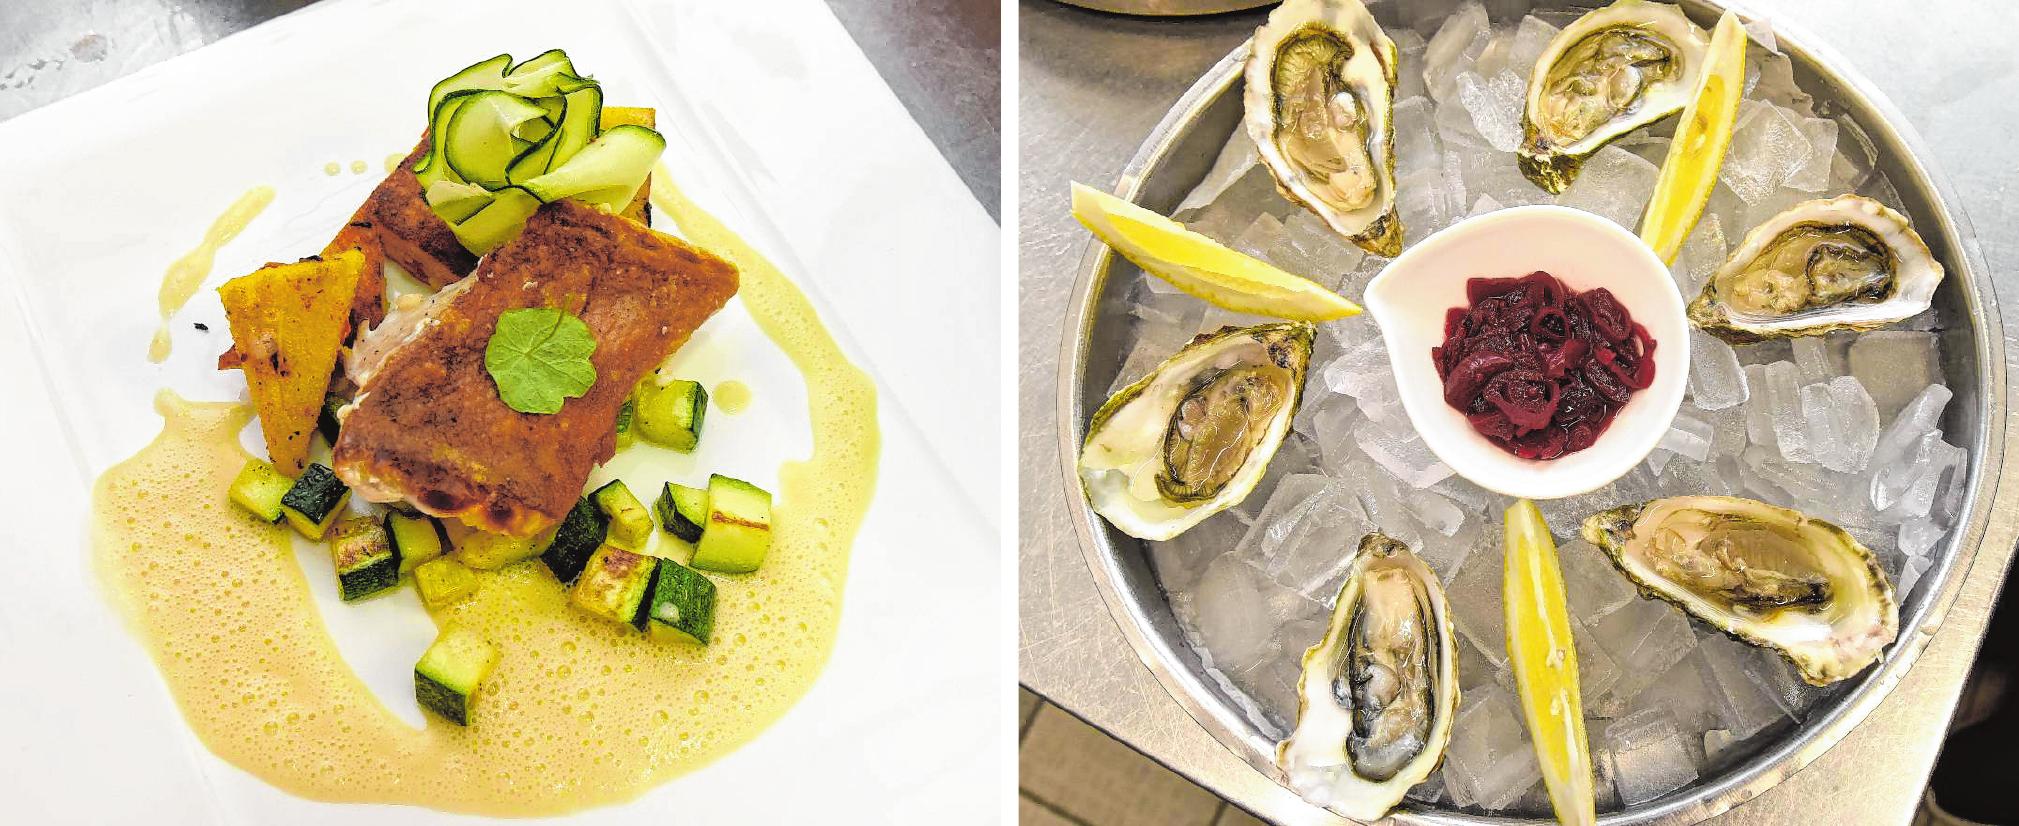 Die Meerestiere, die im R7 Fisch & More verarbeitet werden, kommen auf kürzesten Wegen ins Restaurant. Angerichtet werden die fertigen Gerichte mit viel Kreativität und Liebe. Bilder (4): Tröster